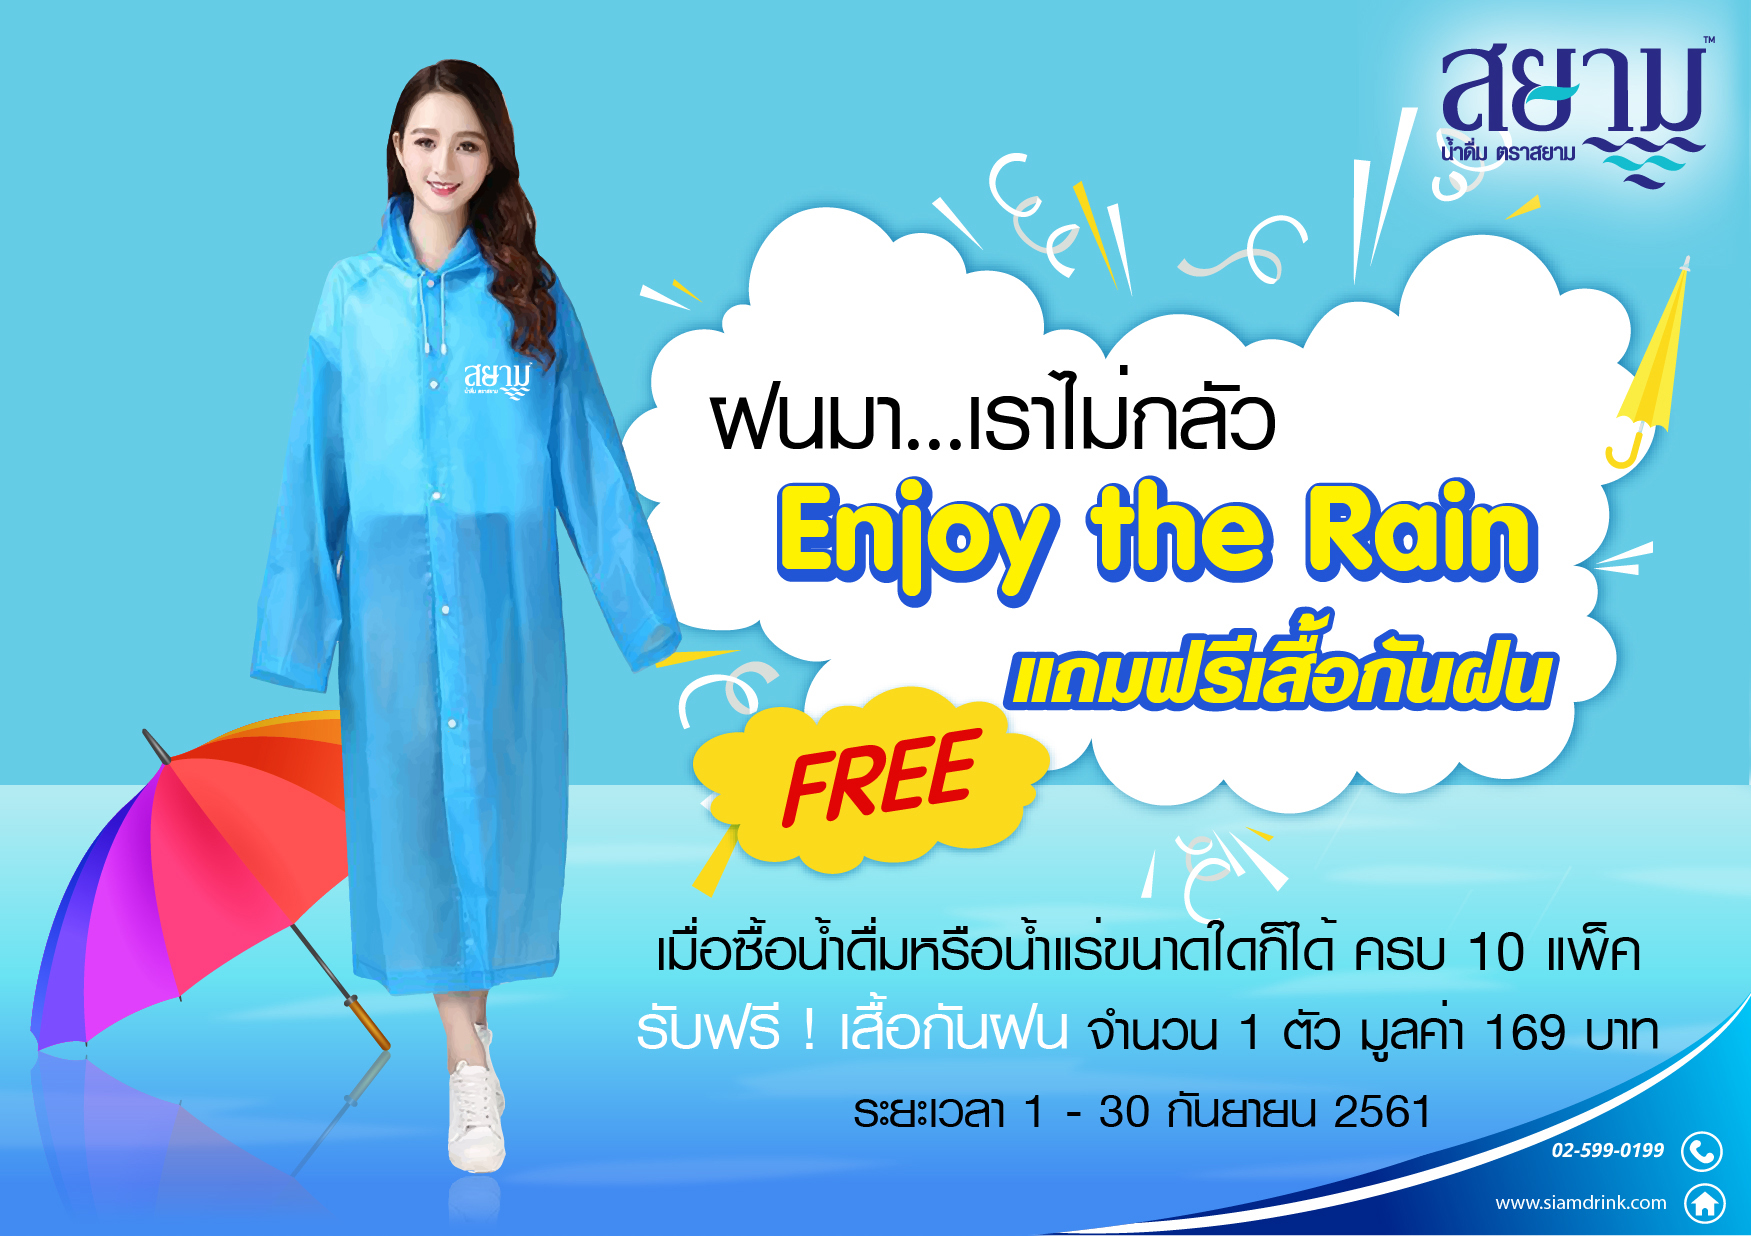 ฝนมา...เราไม่กลัว ! Enjoy the Rain ซื้อน้ำดื่มสยามวันนี้ รับฟรี! เสื้อกันฝน จำนวน 1 ตัว มูลค่า 169 บาท! เพียงสั่งซื้อน้ำดื่มหรือน้ำแร่สยาม ครบยอดสั่งซื้อ 10 แพ็ค ก็จะได้สิทธิ์รับเสื้อกันฝนไปเลยจ้า ถึง 31กันยายน 2561 นี้. จัดส่งฟรีในเขตกทม.และปริมณฑล  เฉพาะการสั่งซื้ออนไลน์เท่านั้นนะค๊าาาา